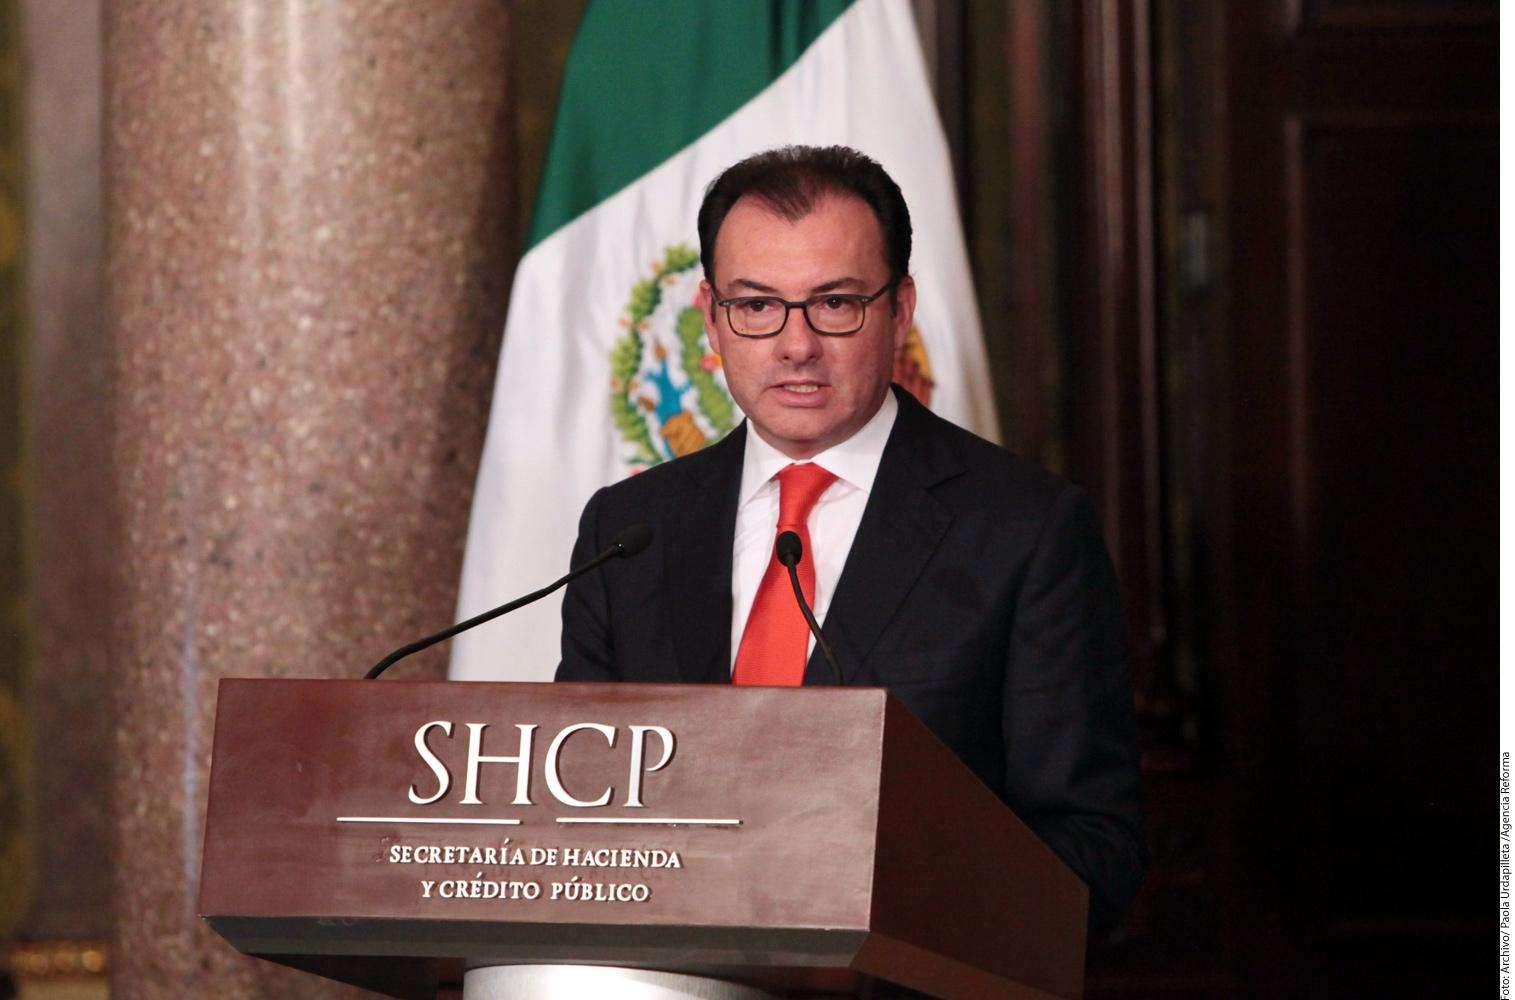 Luis Videgaray Foto: Agencia Reforma